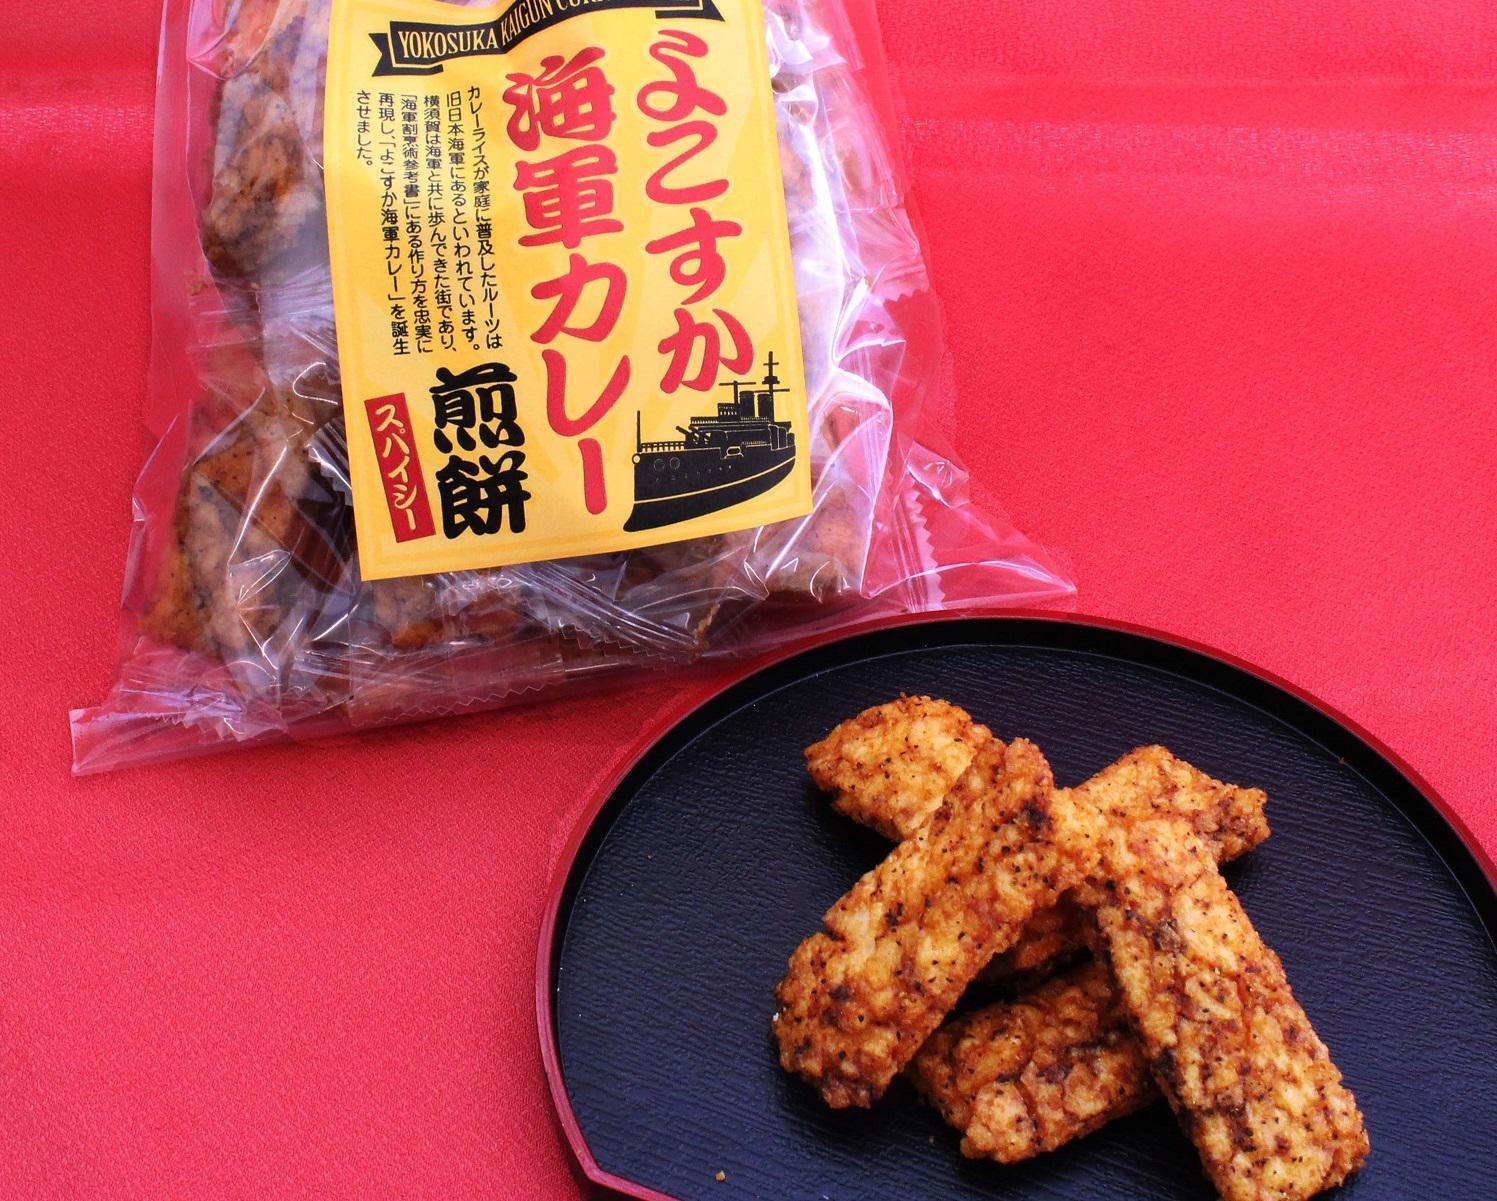 第3位「横須賀カレー煎餅」のイメージ画像